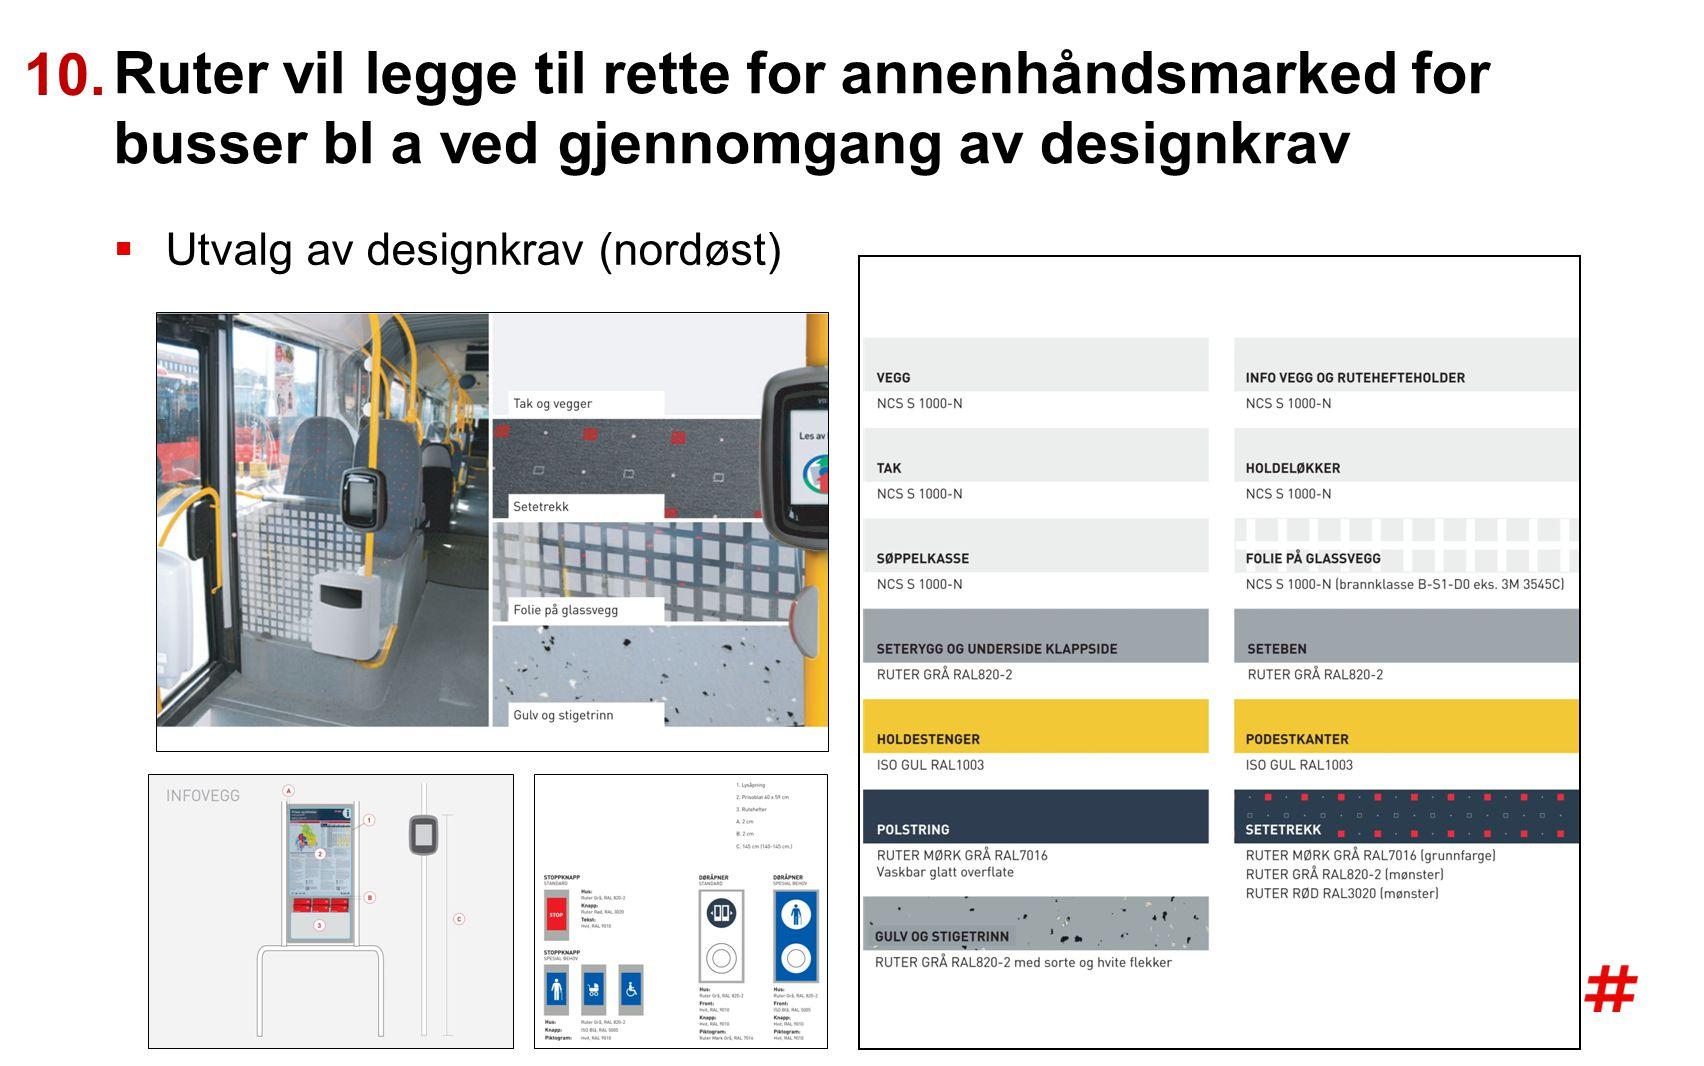 10. Ruter vil legge til rette for annenhåndsmarked for busser bl a ved gjennomgang av designkrav.